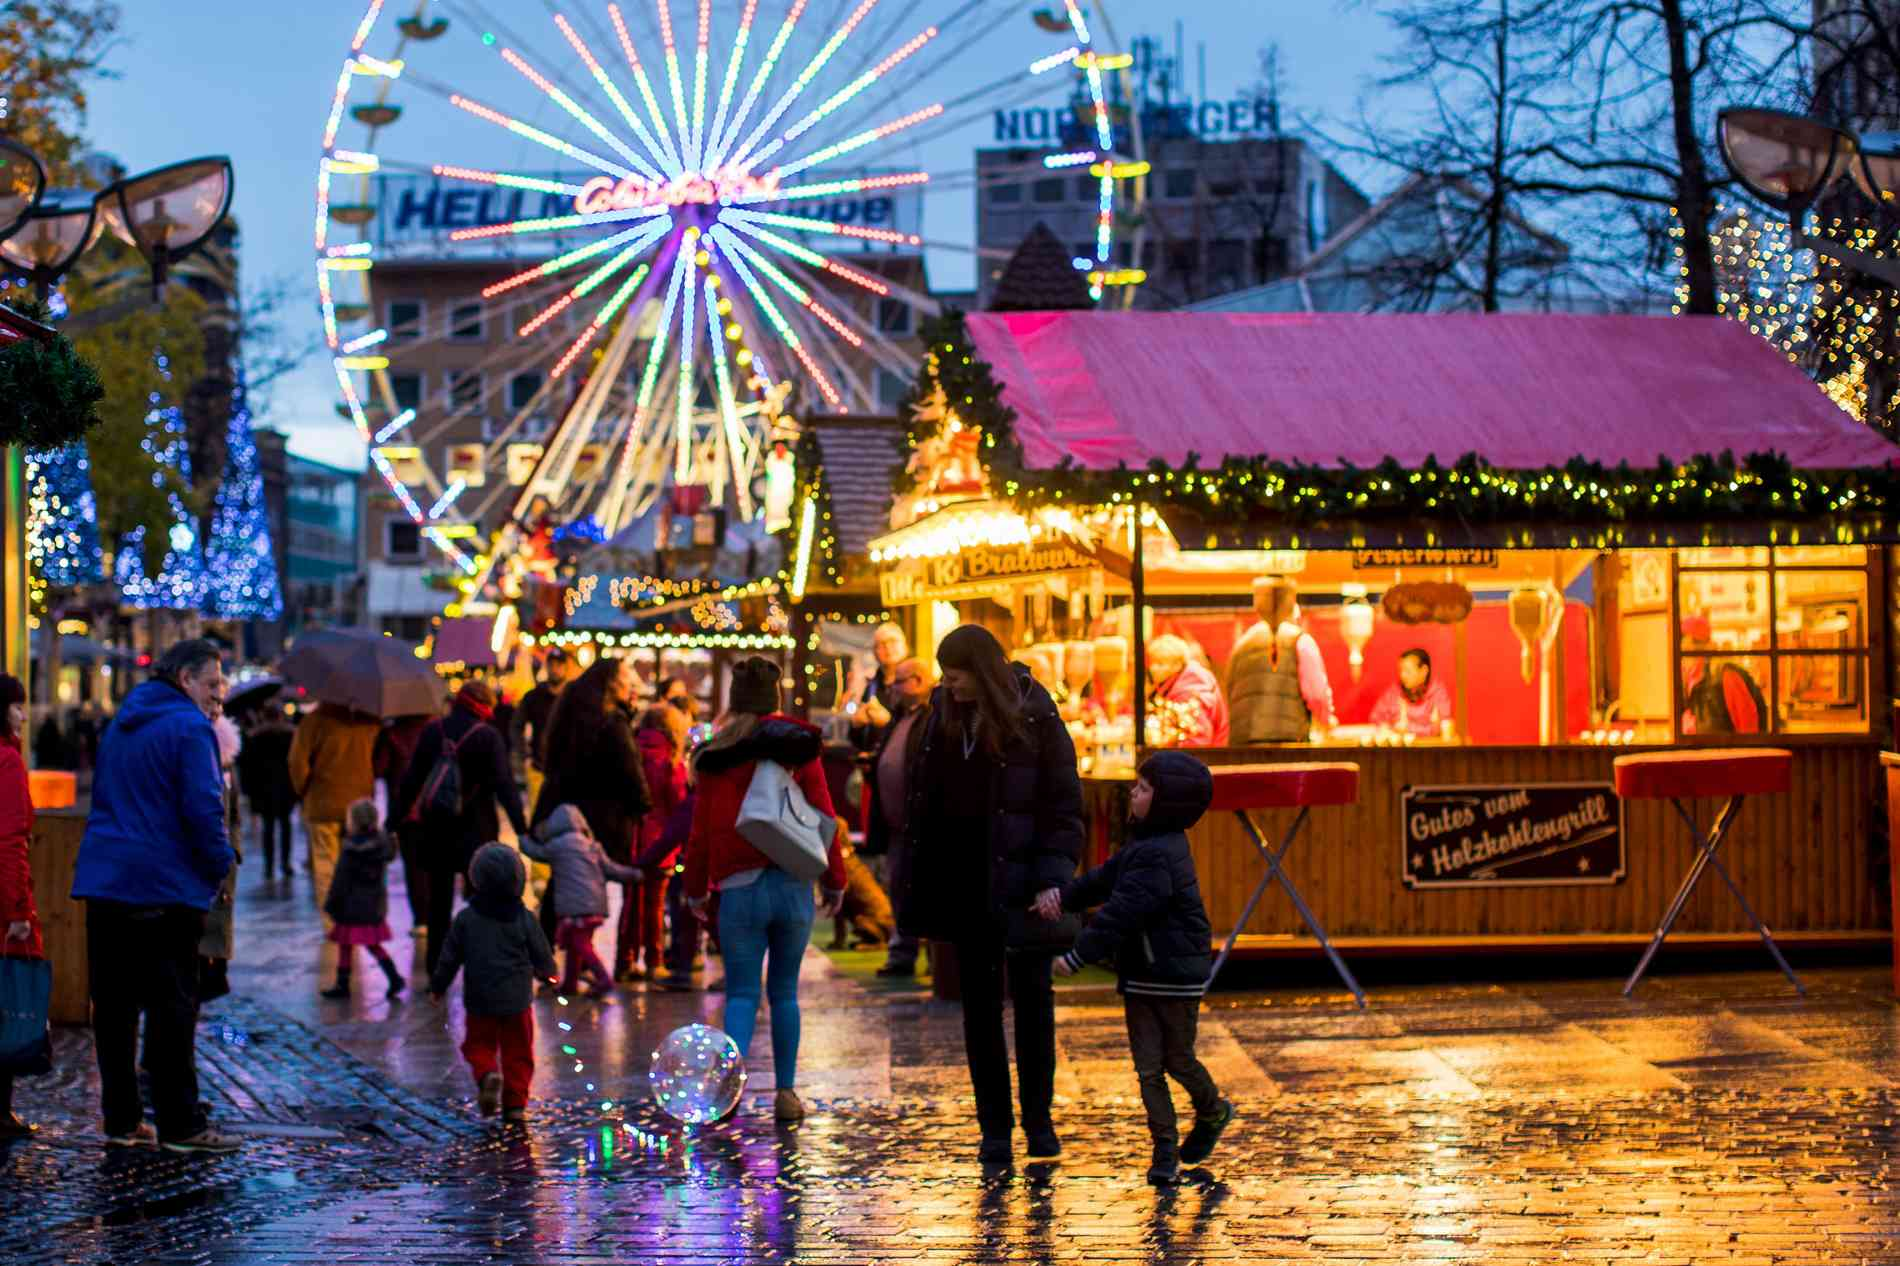 Weihnachtsmarkt Wuppertal öffnungszeiten.Veganer Weihnachtsmarkt In Duisburg 2018 Infos Zu Programm Und